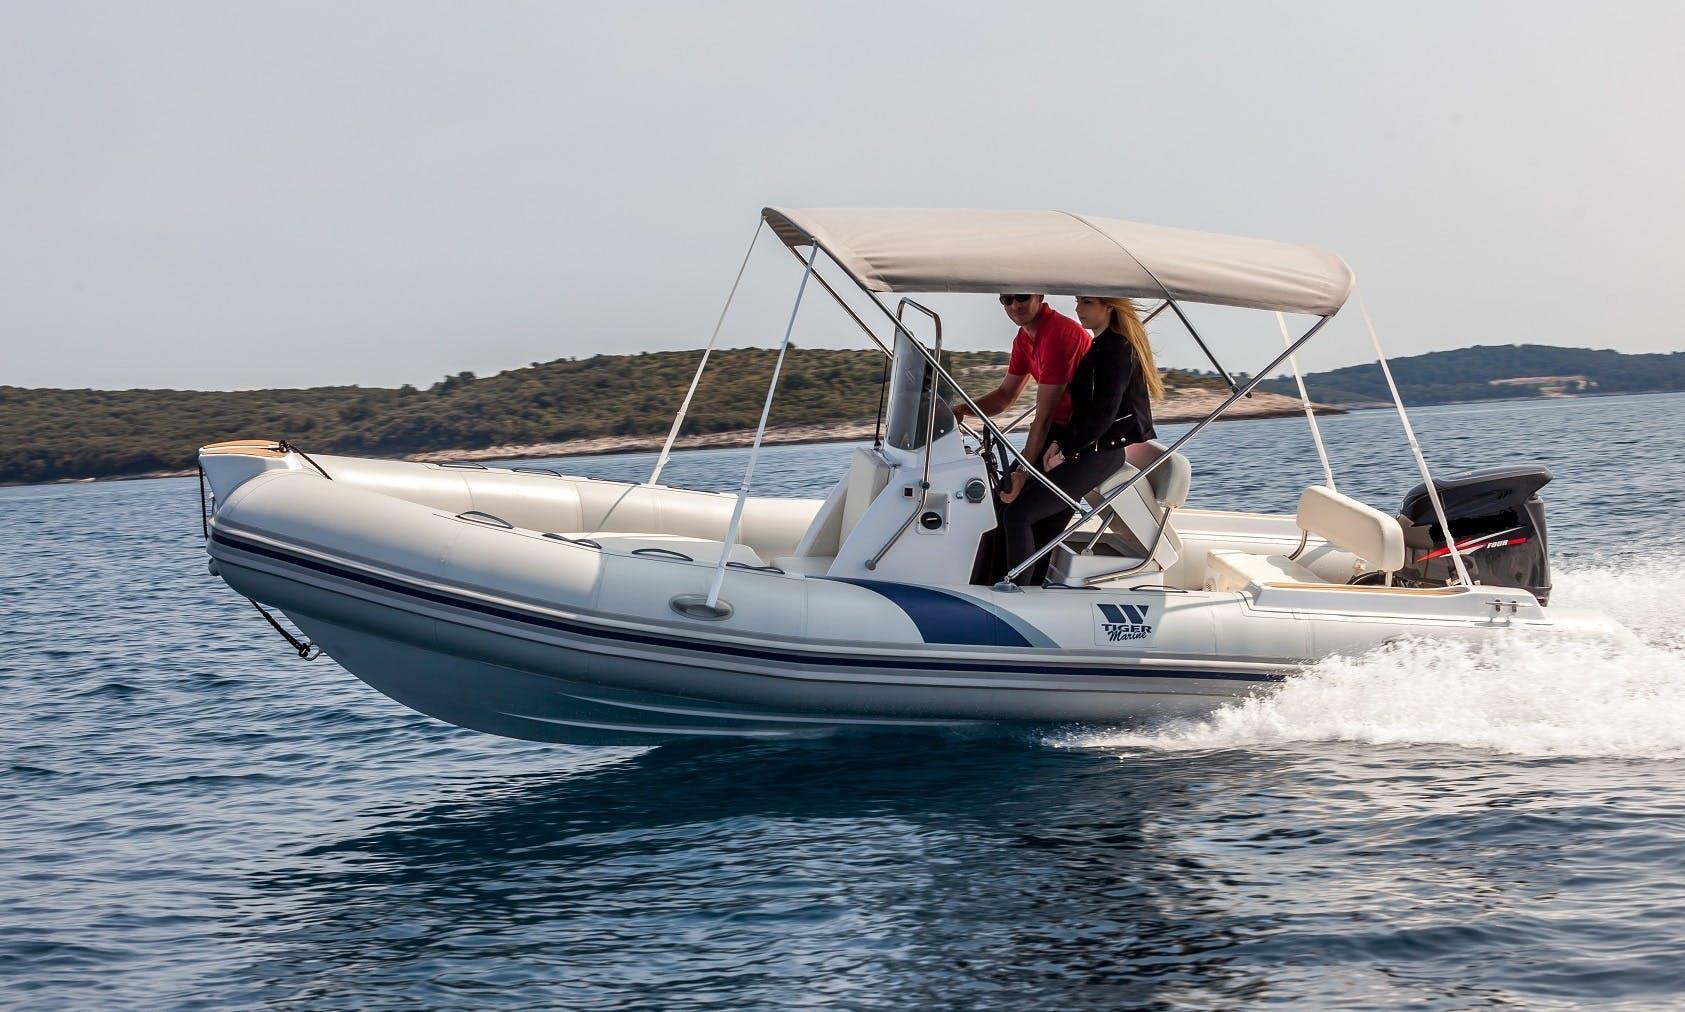 Rent 19' Tiger Marine 550 Sportline RIB in Vrsar, Croatia